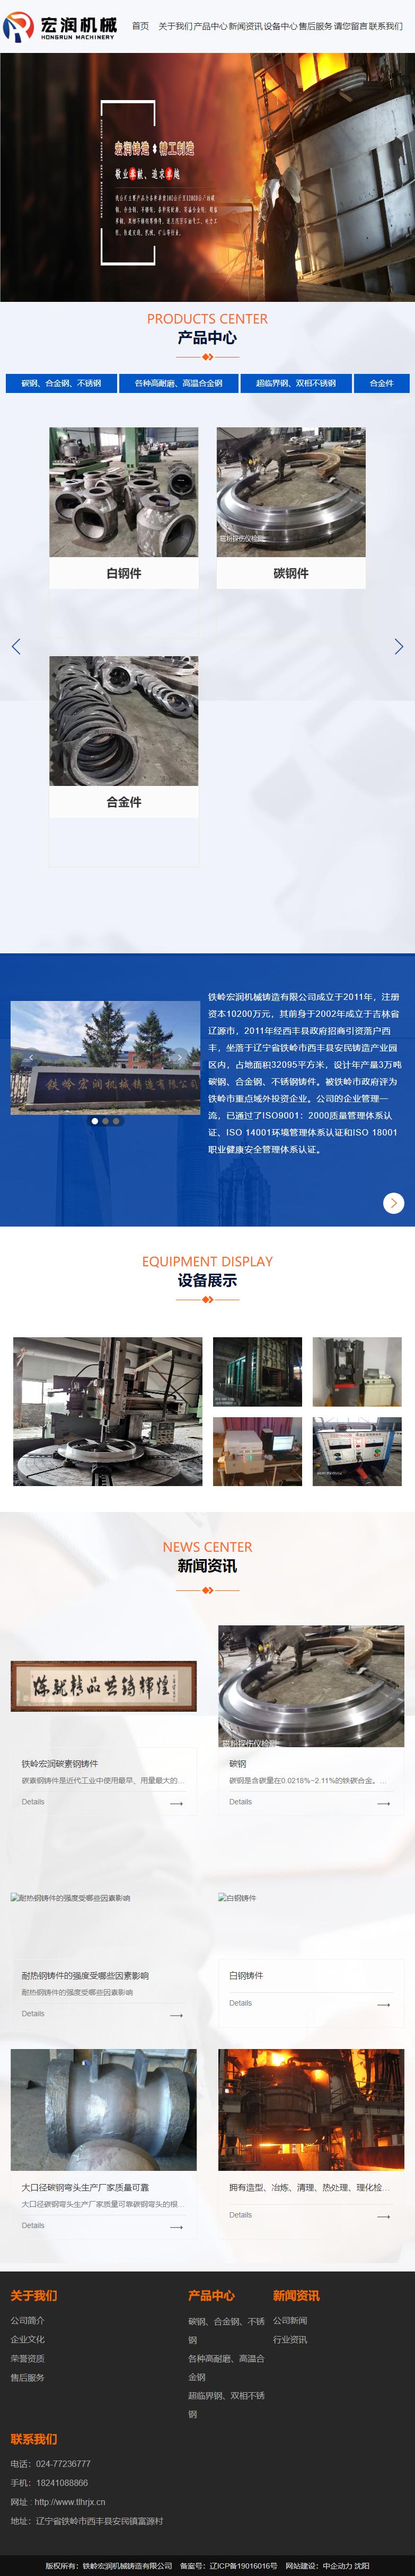 铁岭宏润机械铸造有限公司网站案例